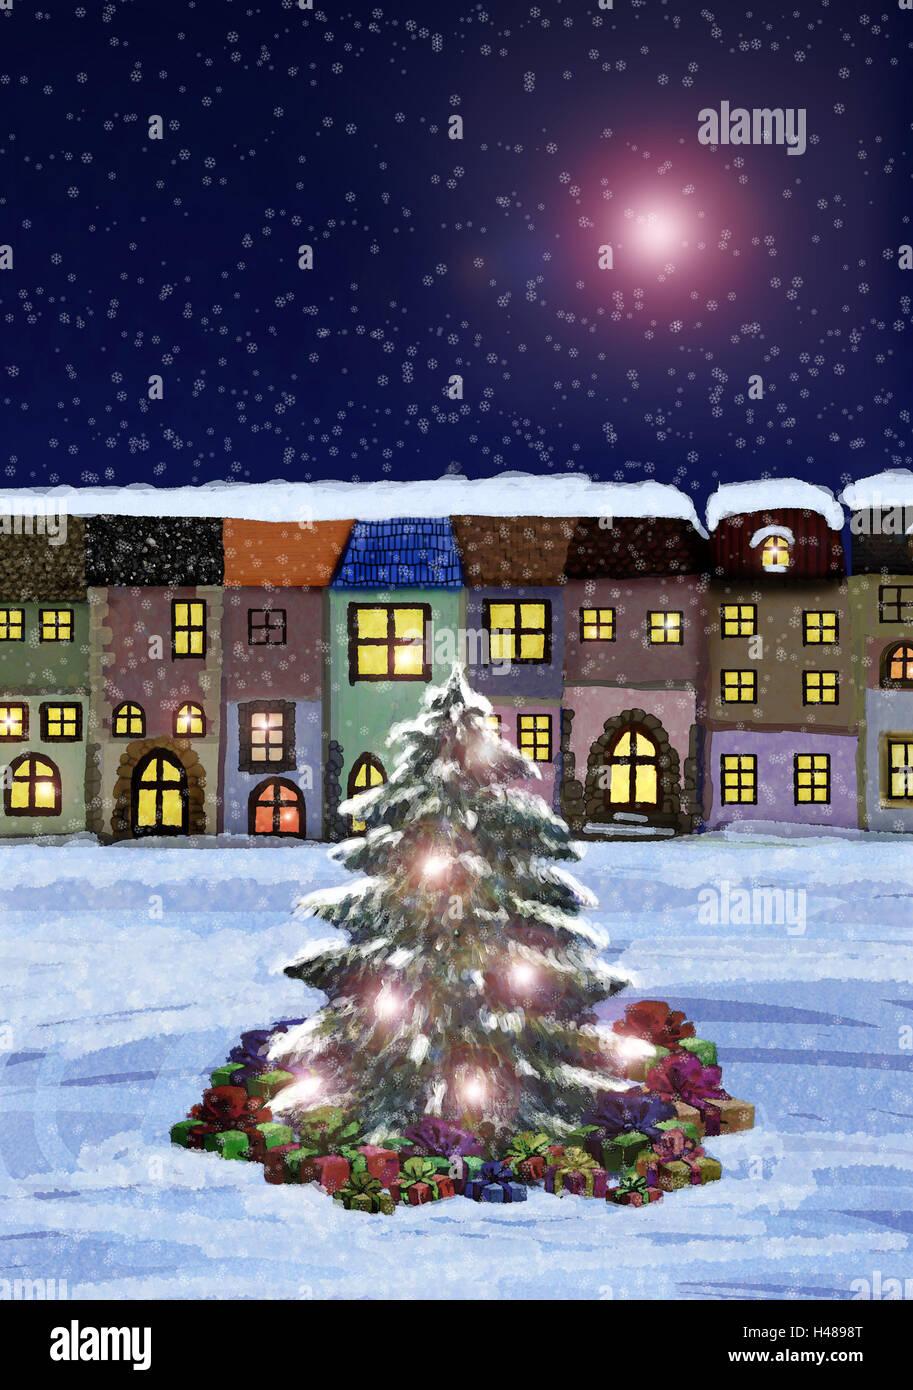 Illustration, Häuser, Weihnachtsbaum, Weihnachtsgeschenke, schneit ...